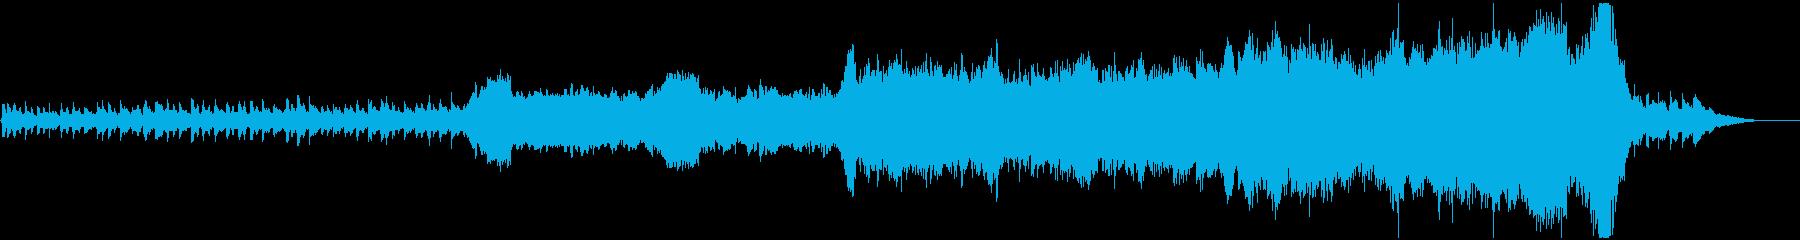 企業VPやCM、不気味なシーンの再生済みの波形